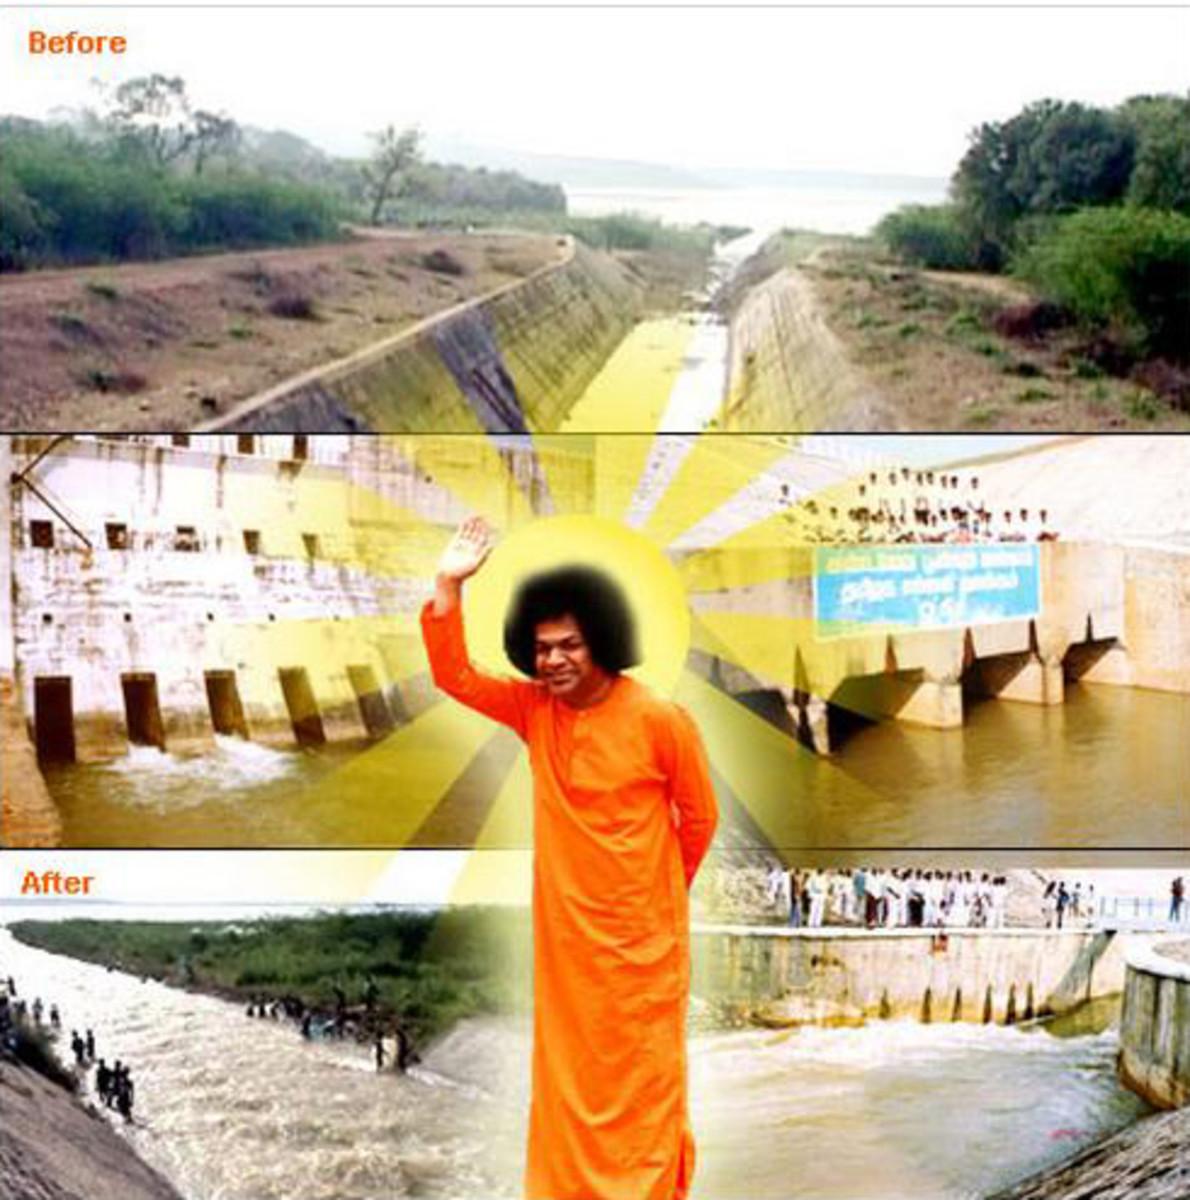 El agua llega a la sedienta ciudad de Chennai con la Gracia Divina ...